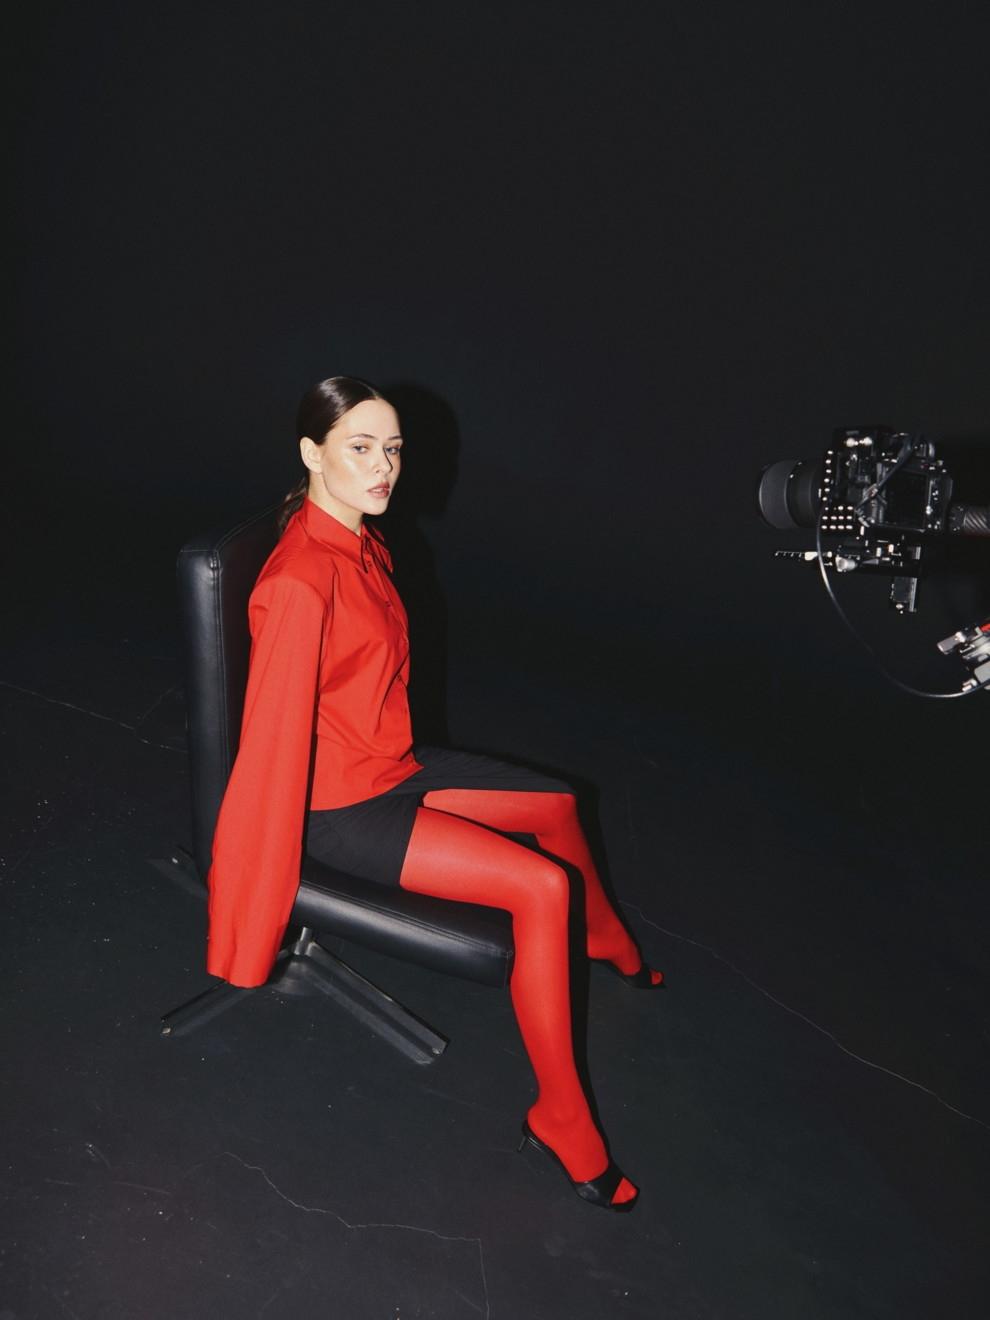 В соблазнительных корсетах и неоновых колготках: Юлия Санина снялась для Vogue (ФОТО) - фото №7